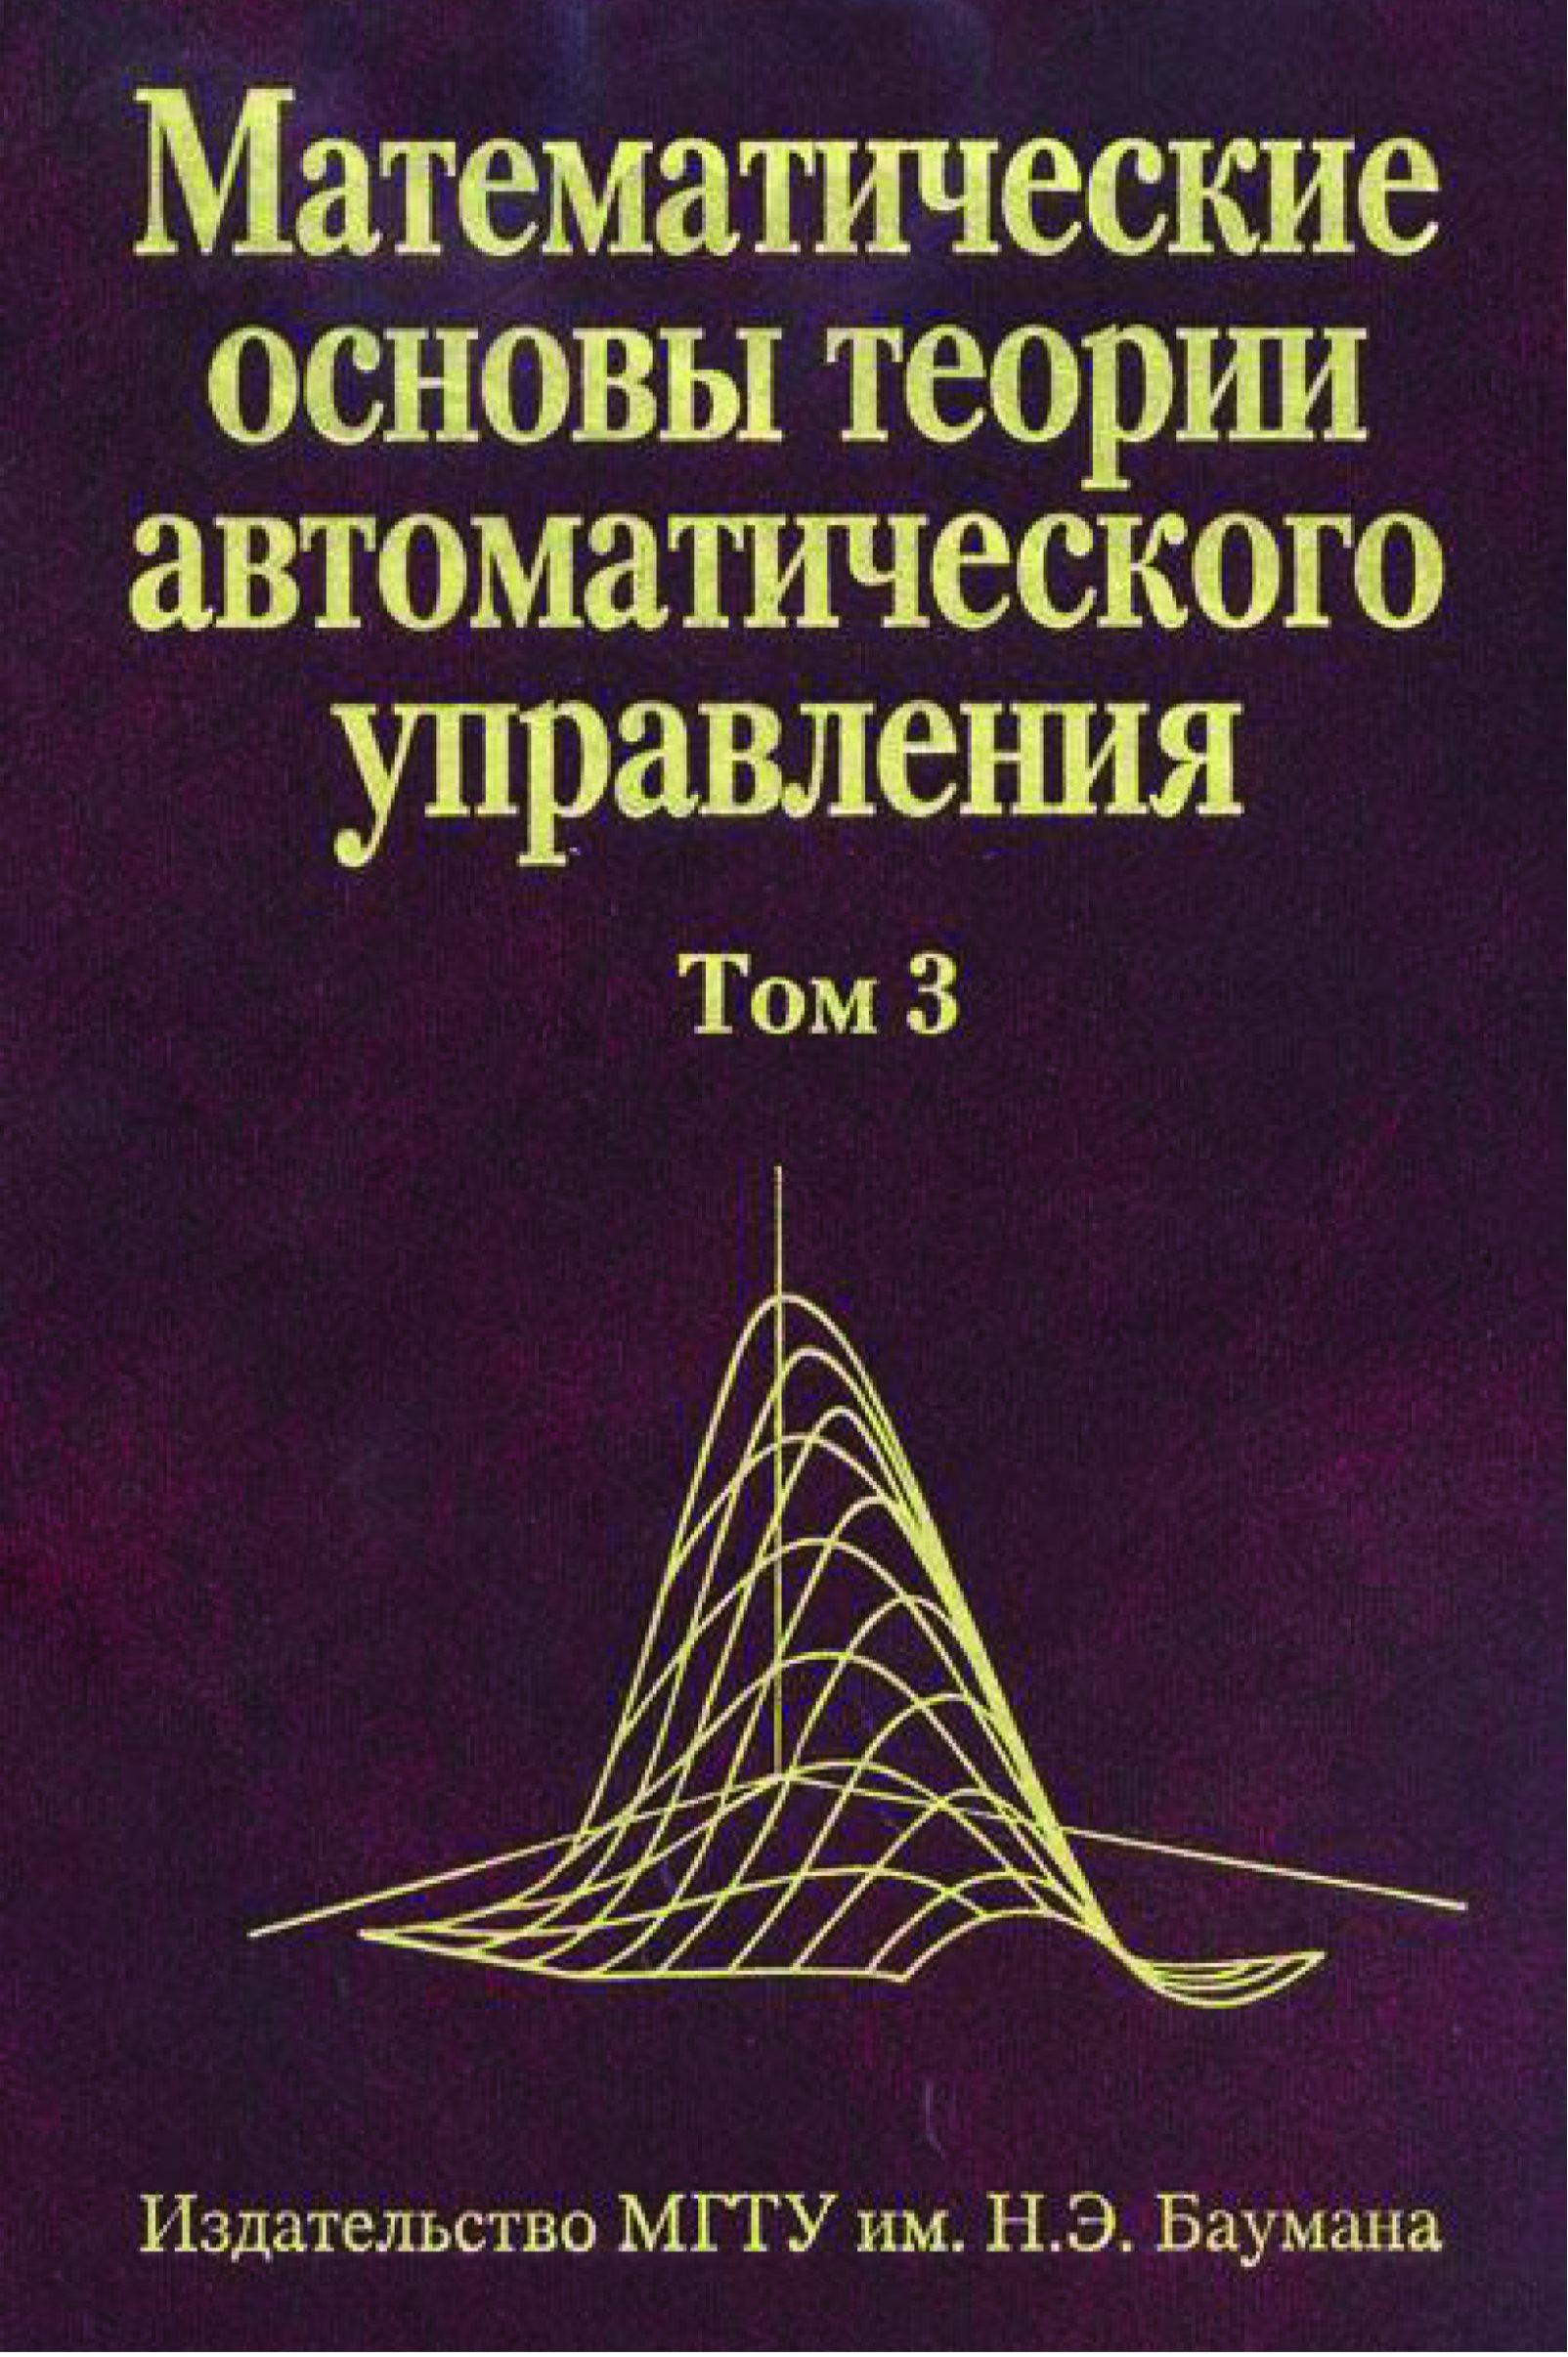 Виктор Иванов Математические основы теории автоматического управления. Том 3 цена 2017